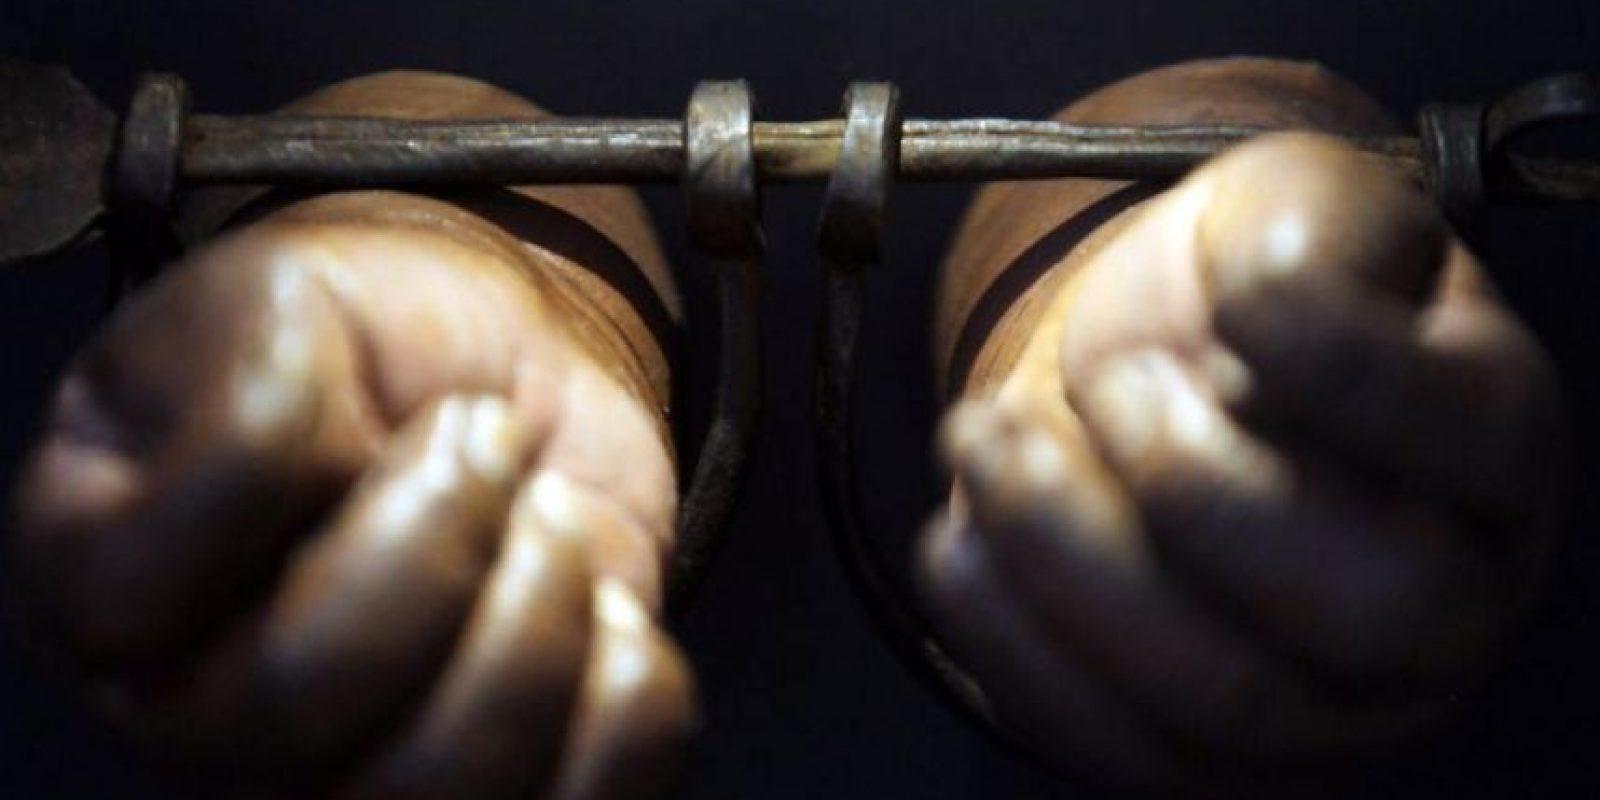 Es cualquier acto u omisión que dañe la estabilidad psicológica las cuales conllevan a la víctima a la depresión, al aislamiento, a la devaluación de su autoestima e incluso al suicidio. Foto:vía Getty Images